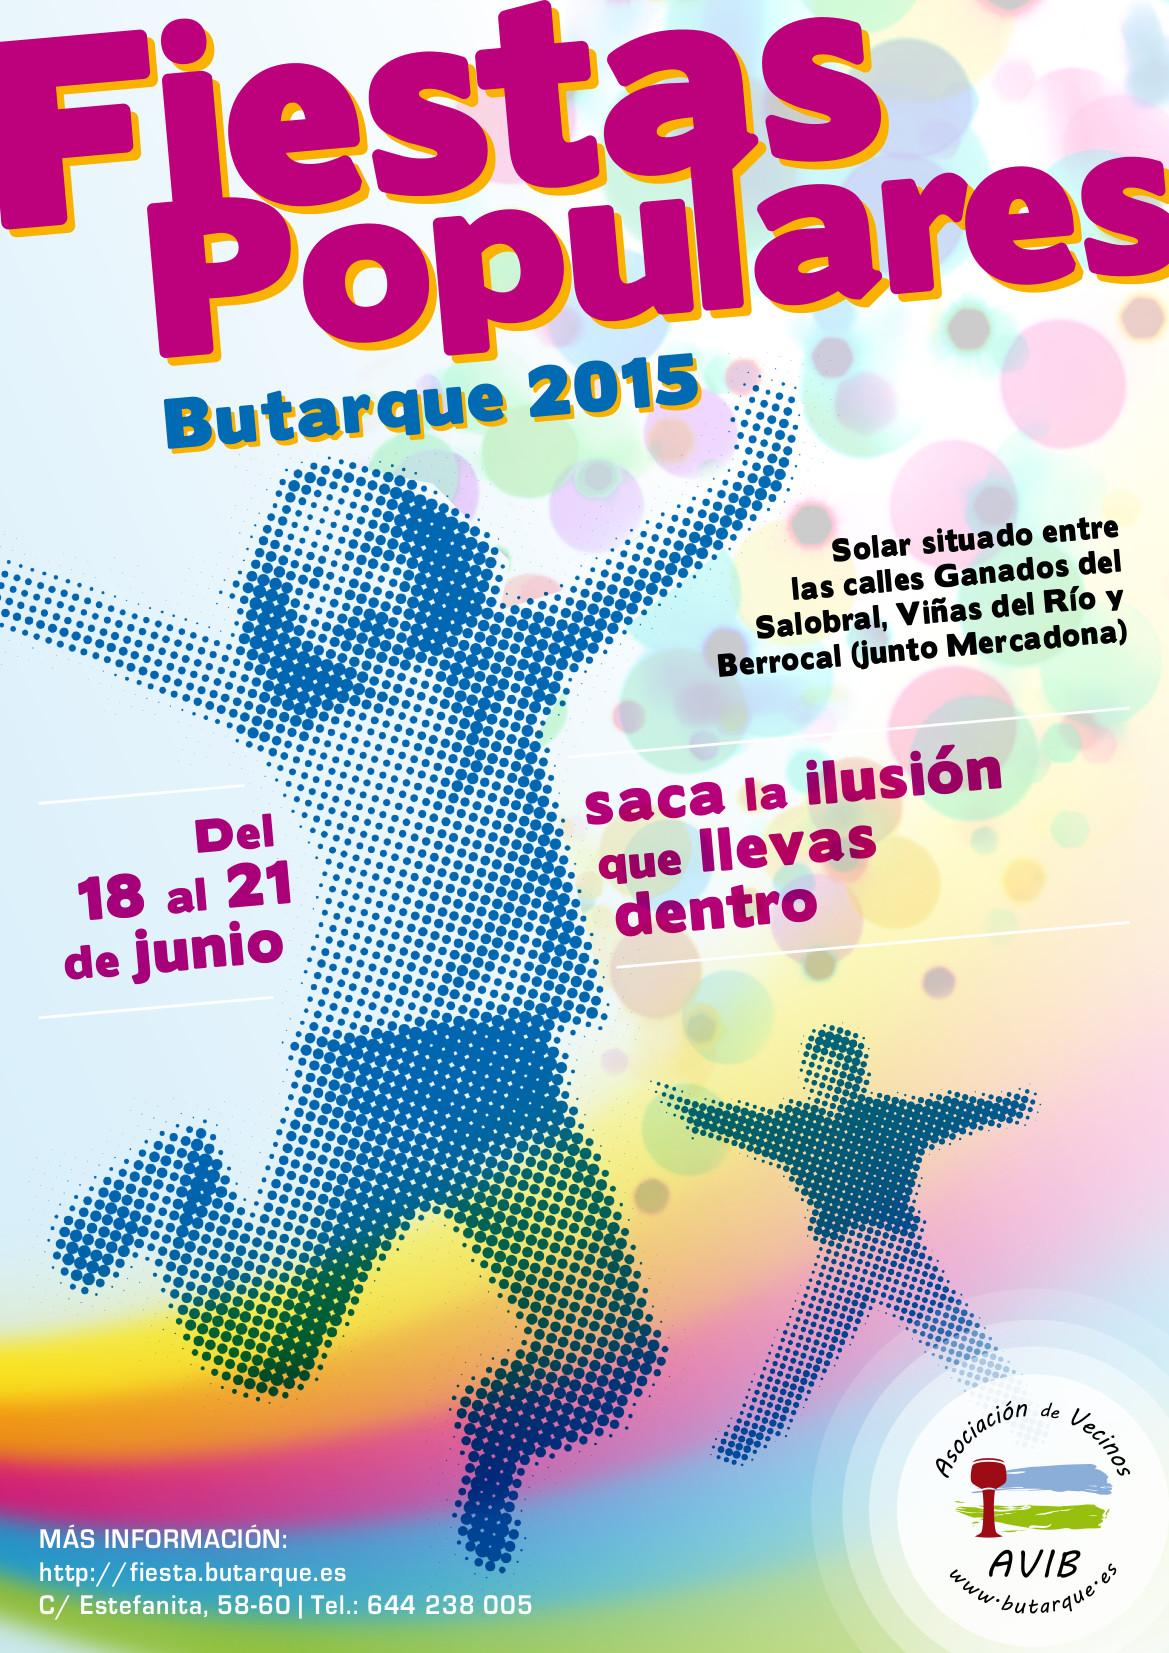 Ya están en marcha las Fiestas Populares de Butarque 2015